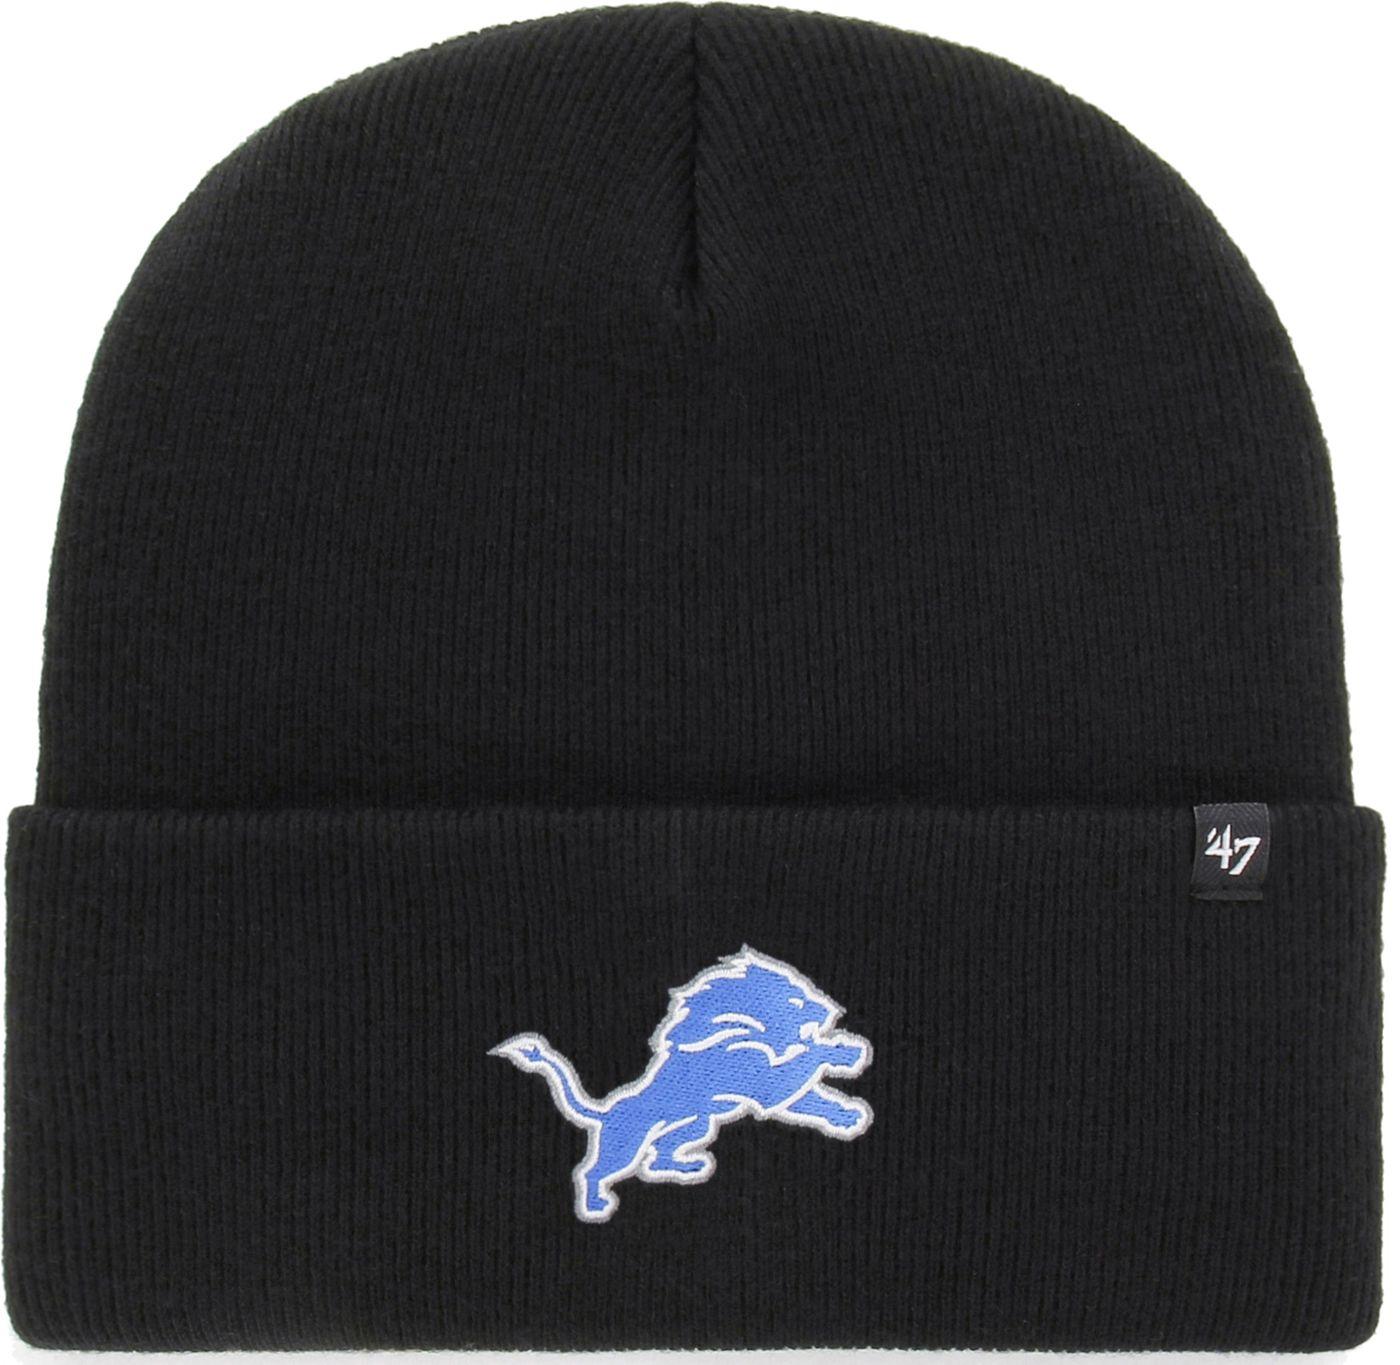 '47 Men's Detroit Lions Carhartt Black Knit Hat